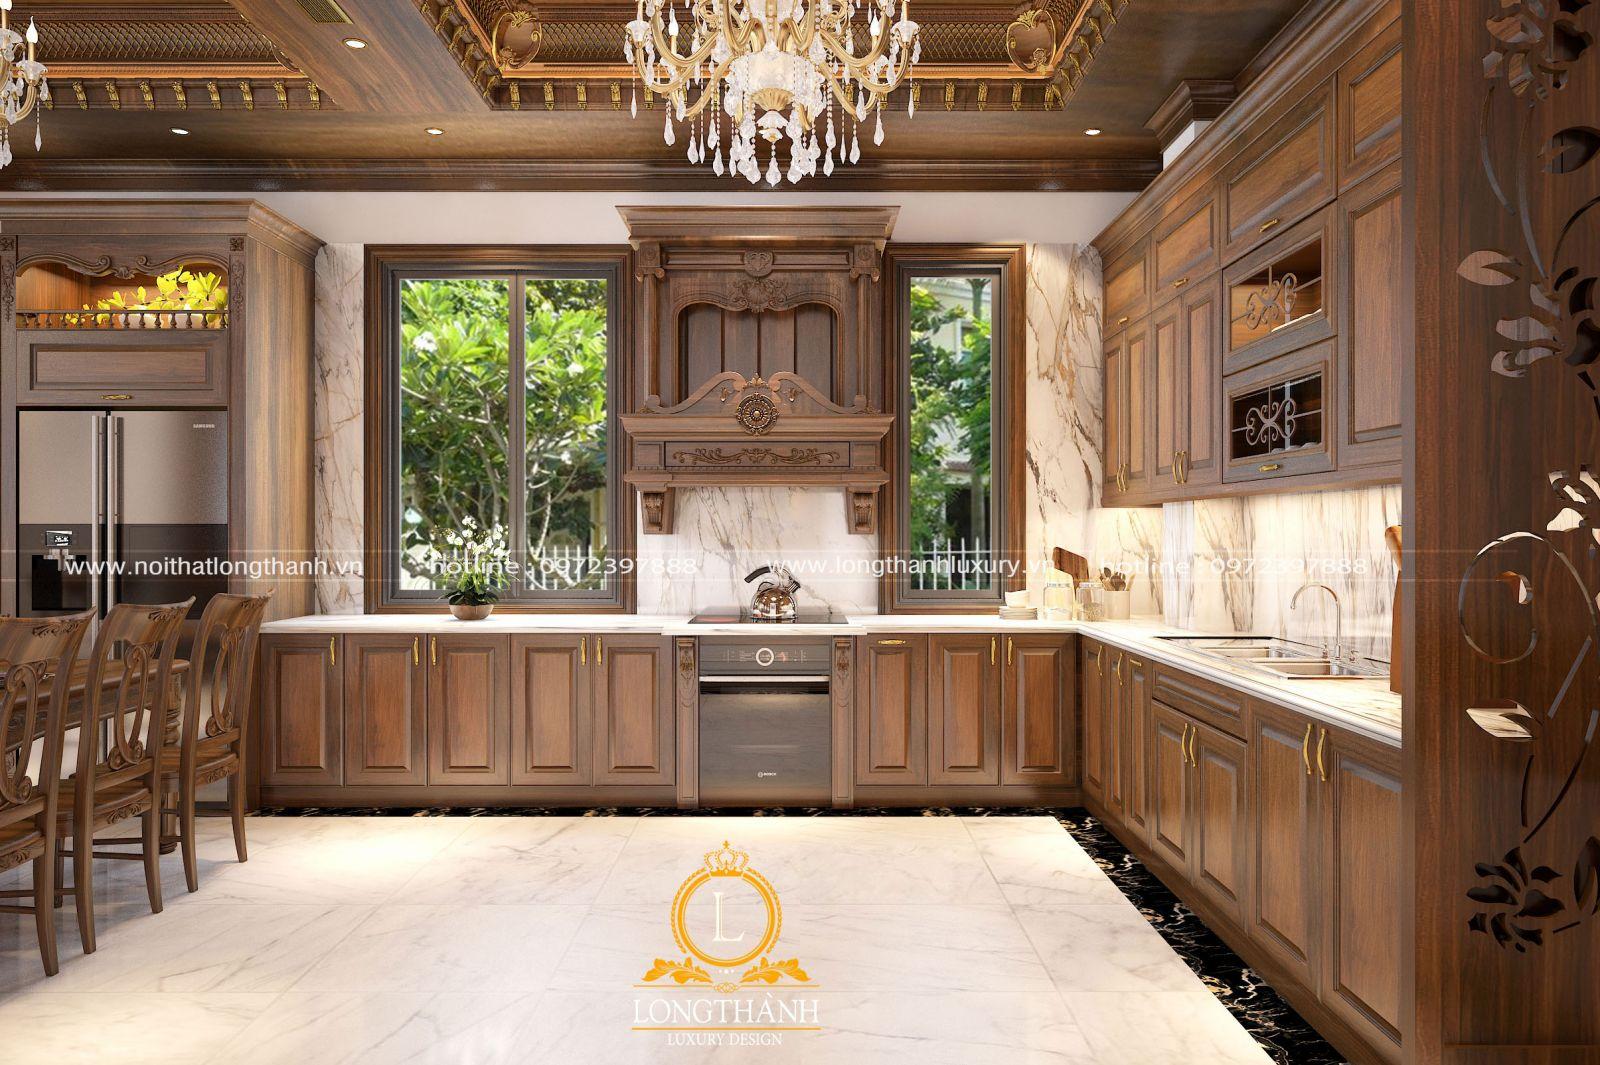 Không gian nhà bếp biệt thự được thiết kế tận dụng tối đa nguồn ánh sáng tự nhiên từ hệ cửa sổ